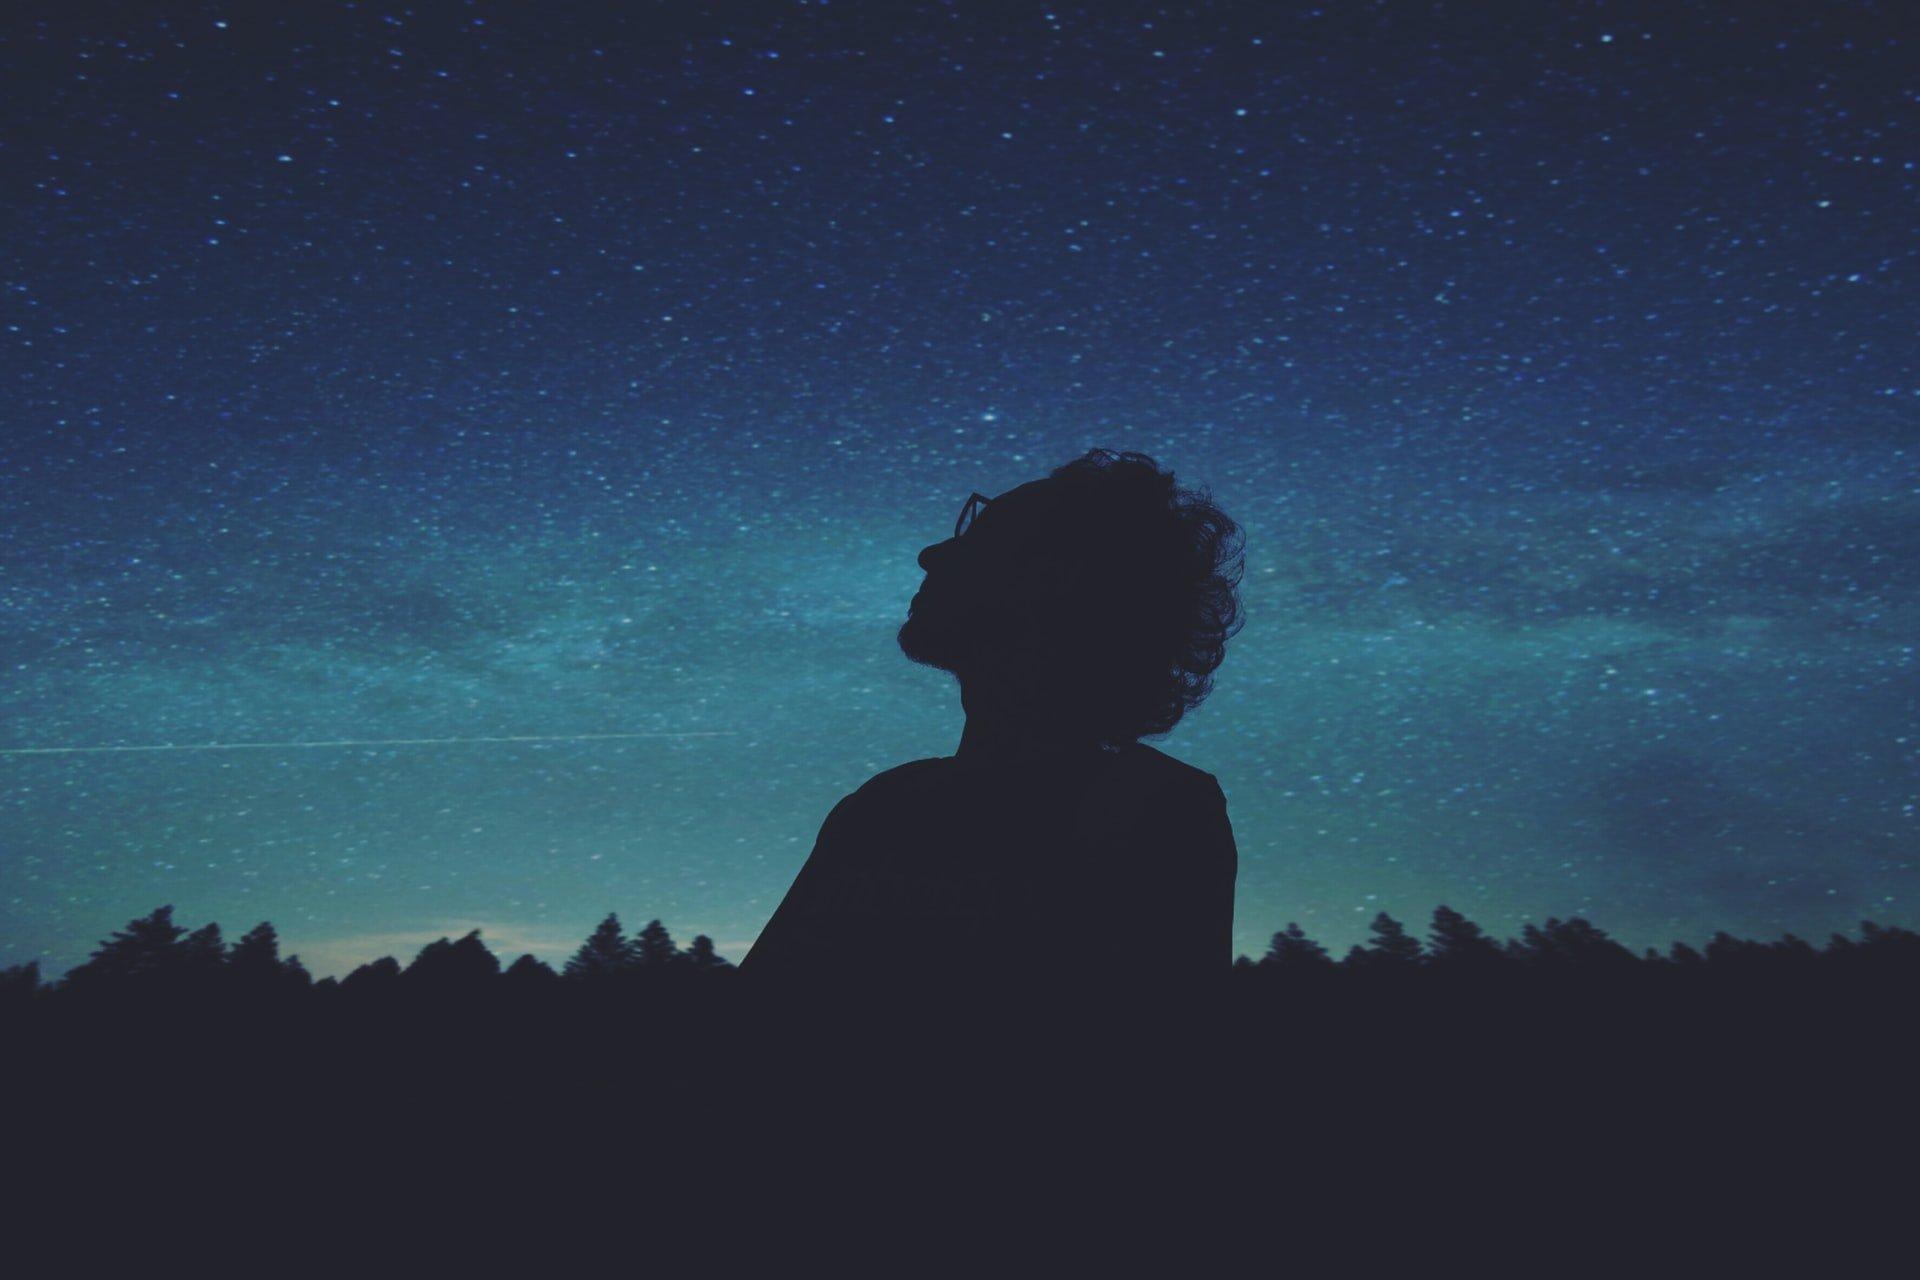 Silhueta de pessoal num céu estrelado.